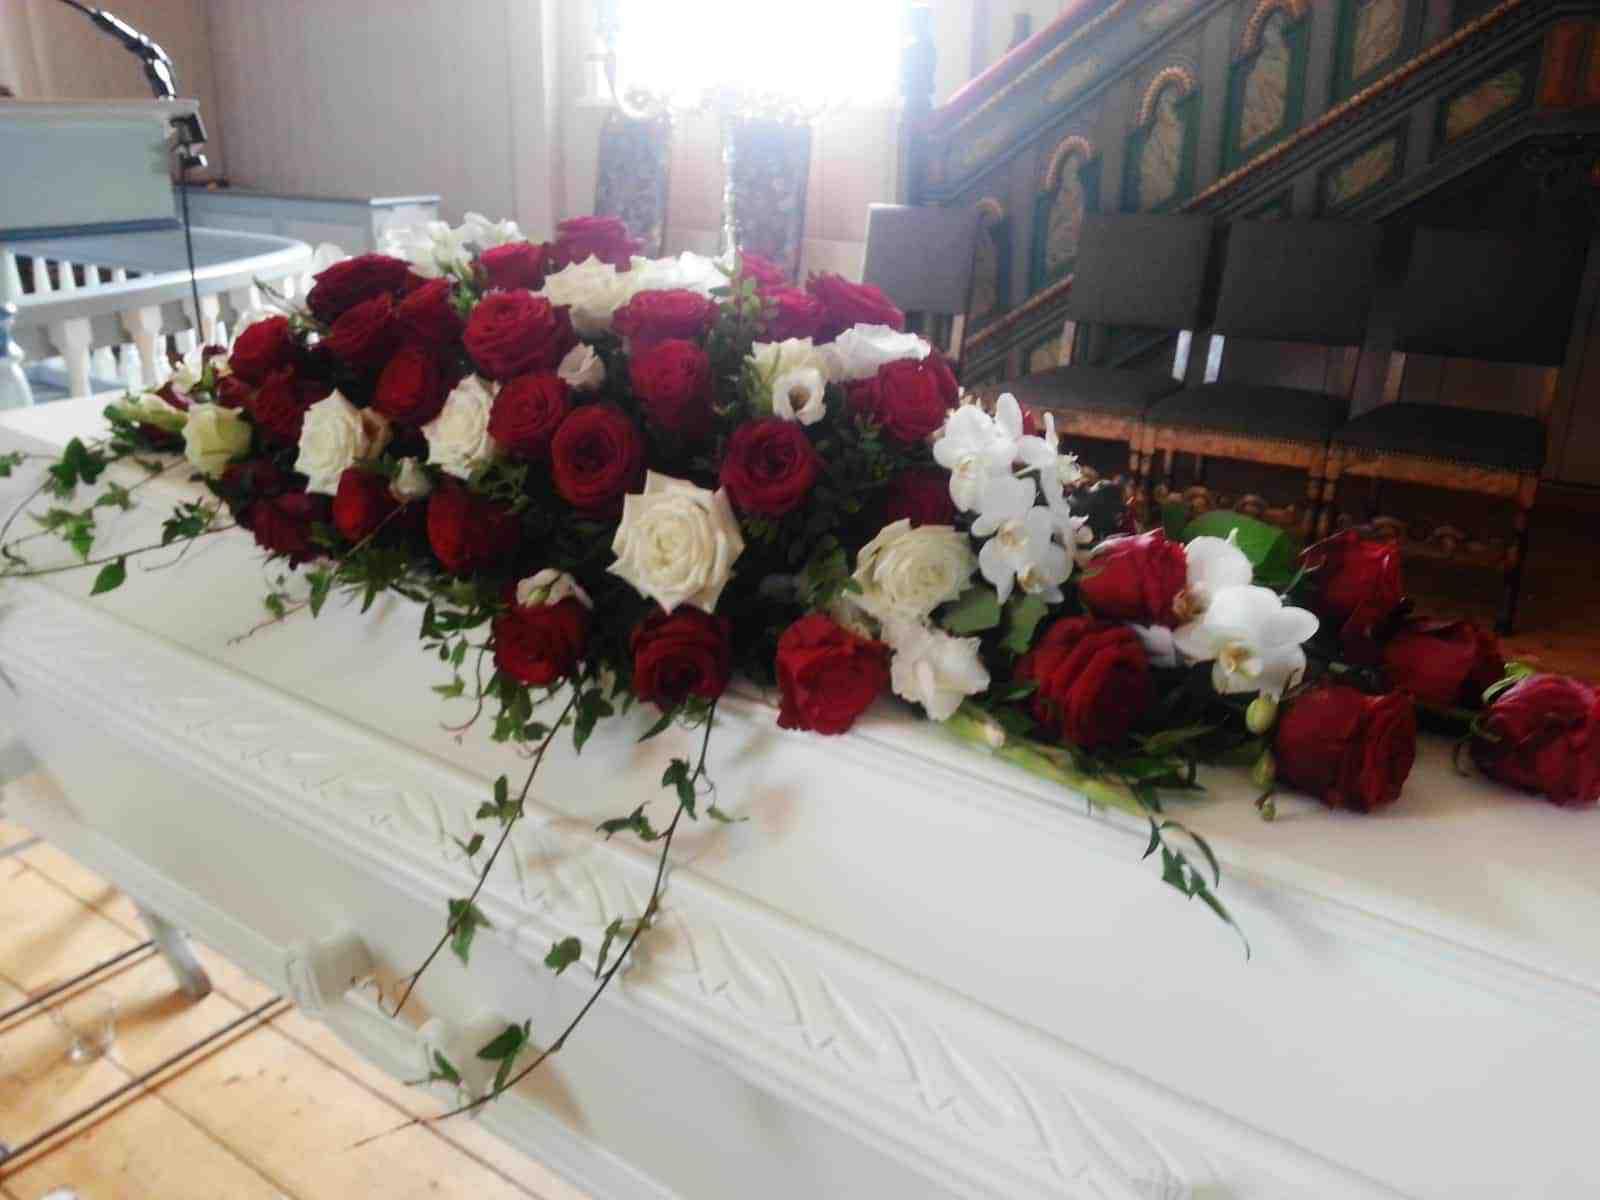 Kistedekorasjon blomster 18